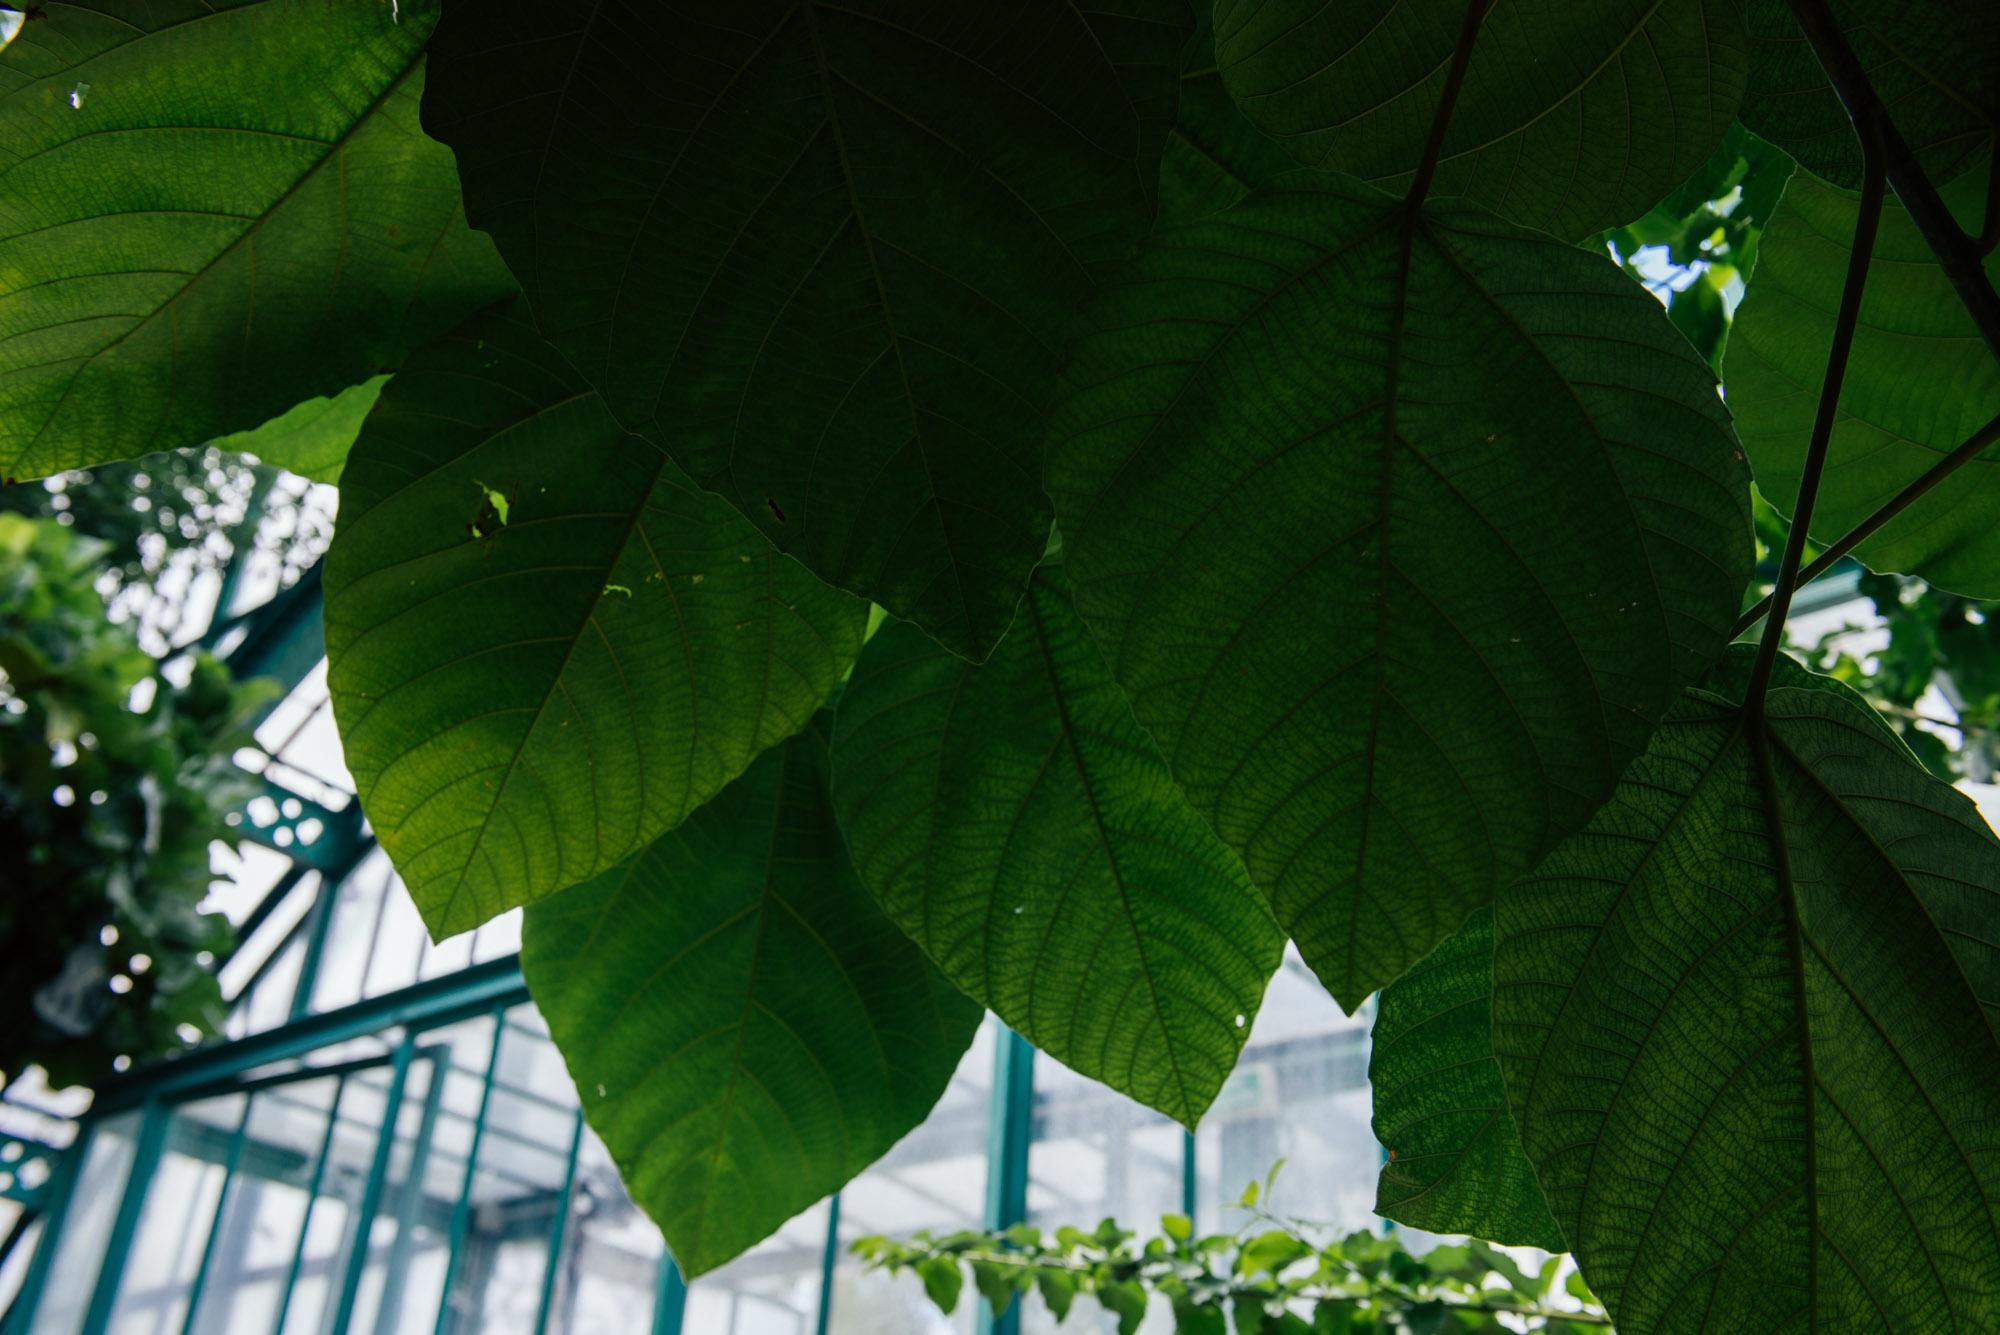 végétalisation paris plantes jungle